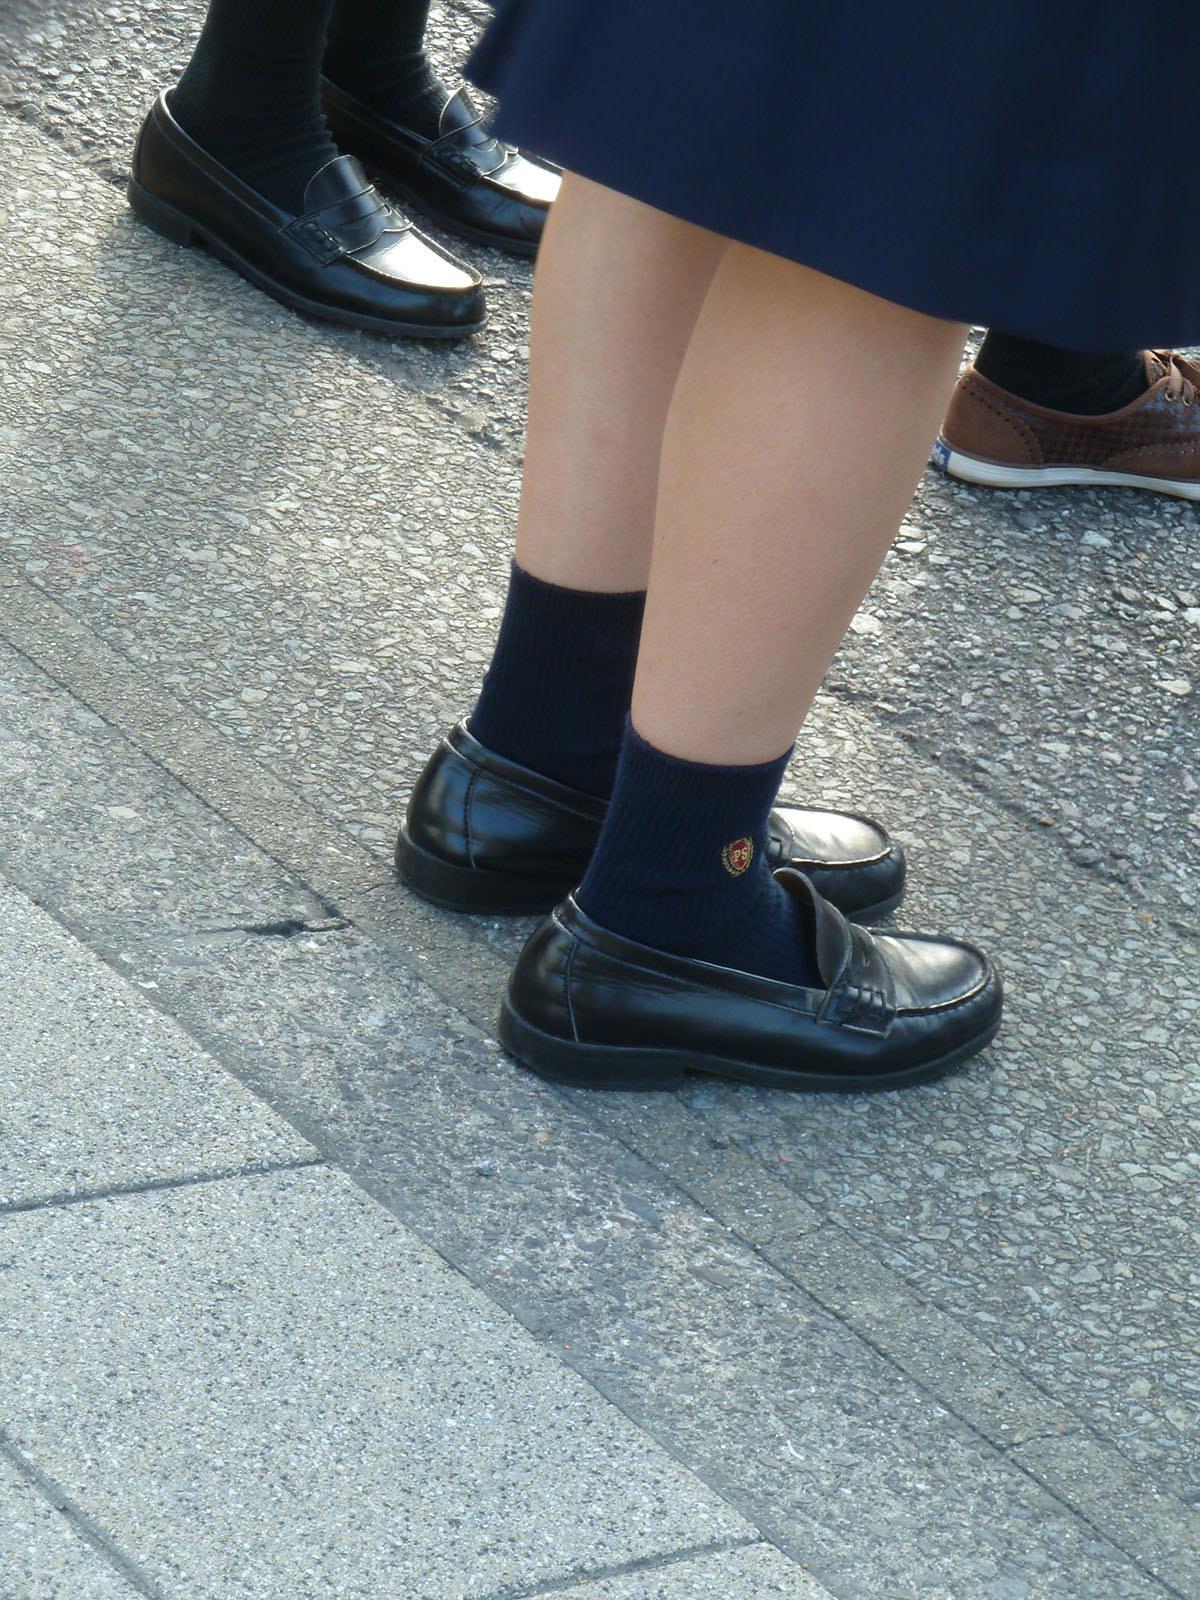 香ばしい匂いがするJKの靴下はどちらが好み??紺のハイソ派?黒のストッキング派? wBZRgGr